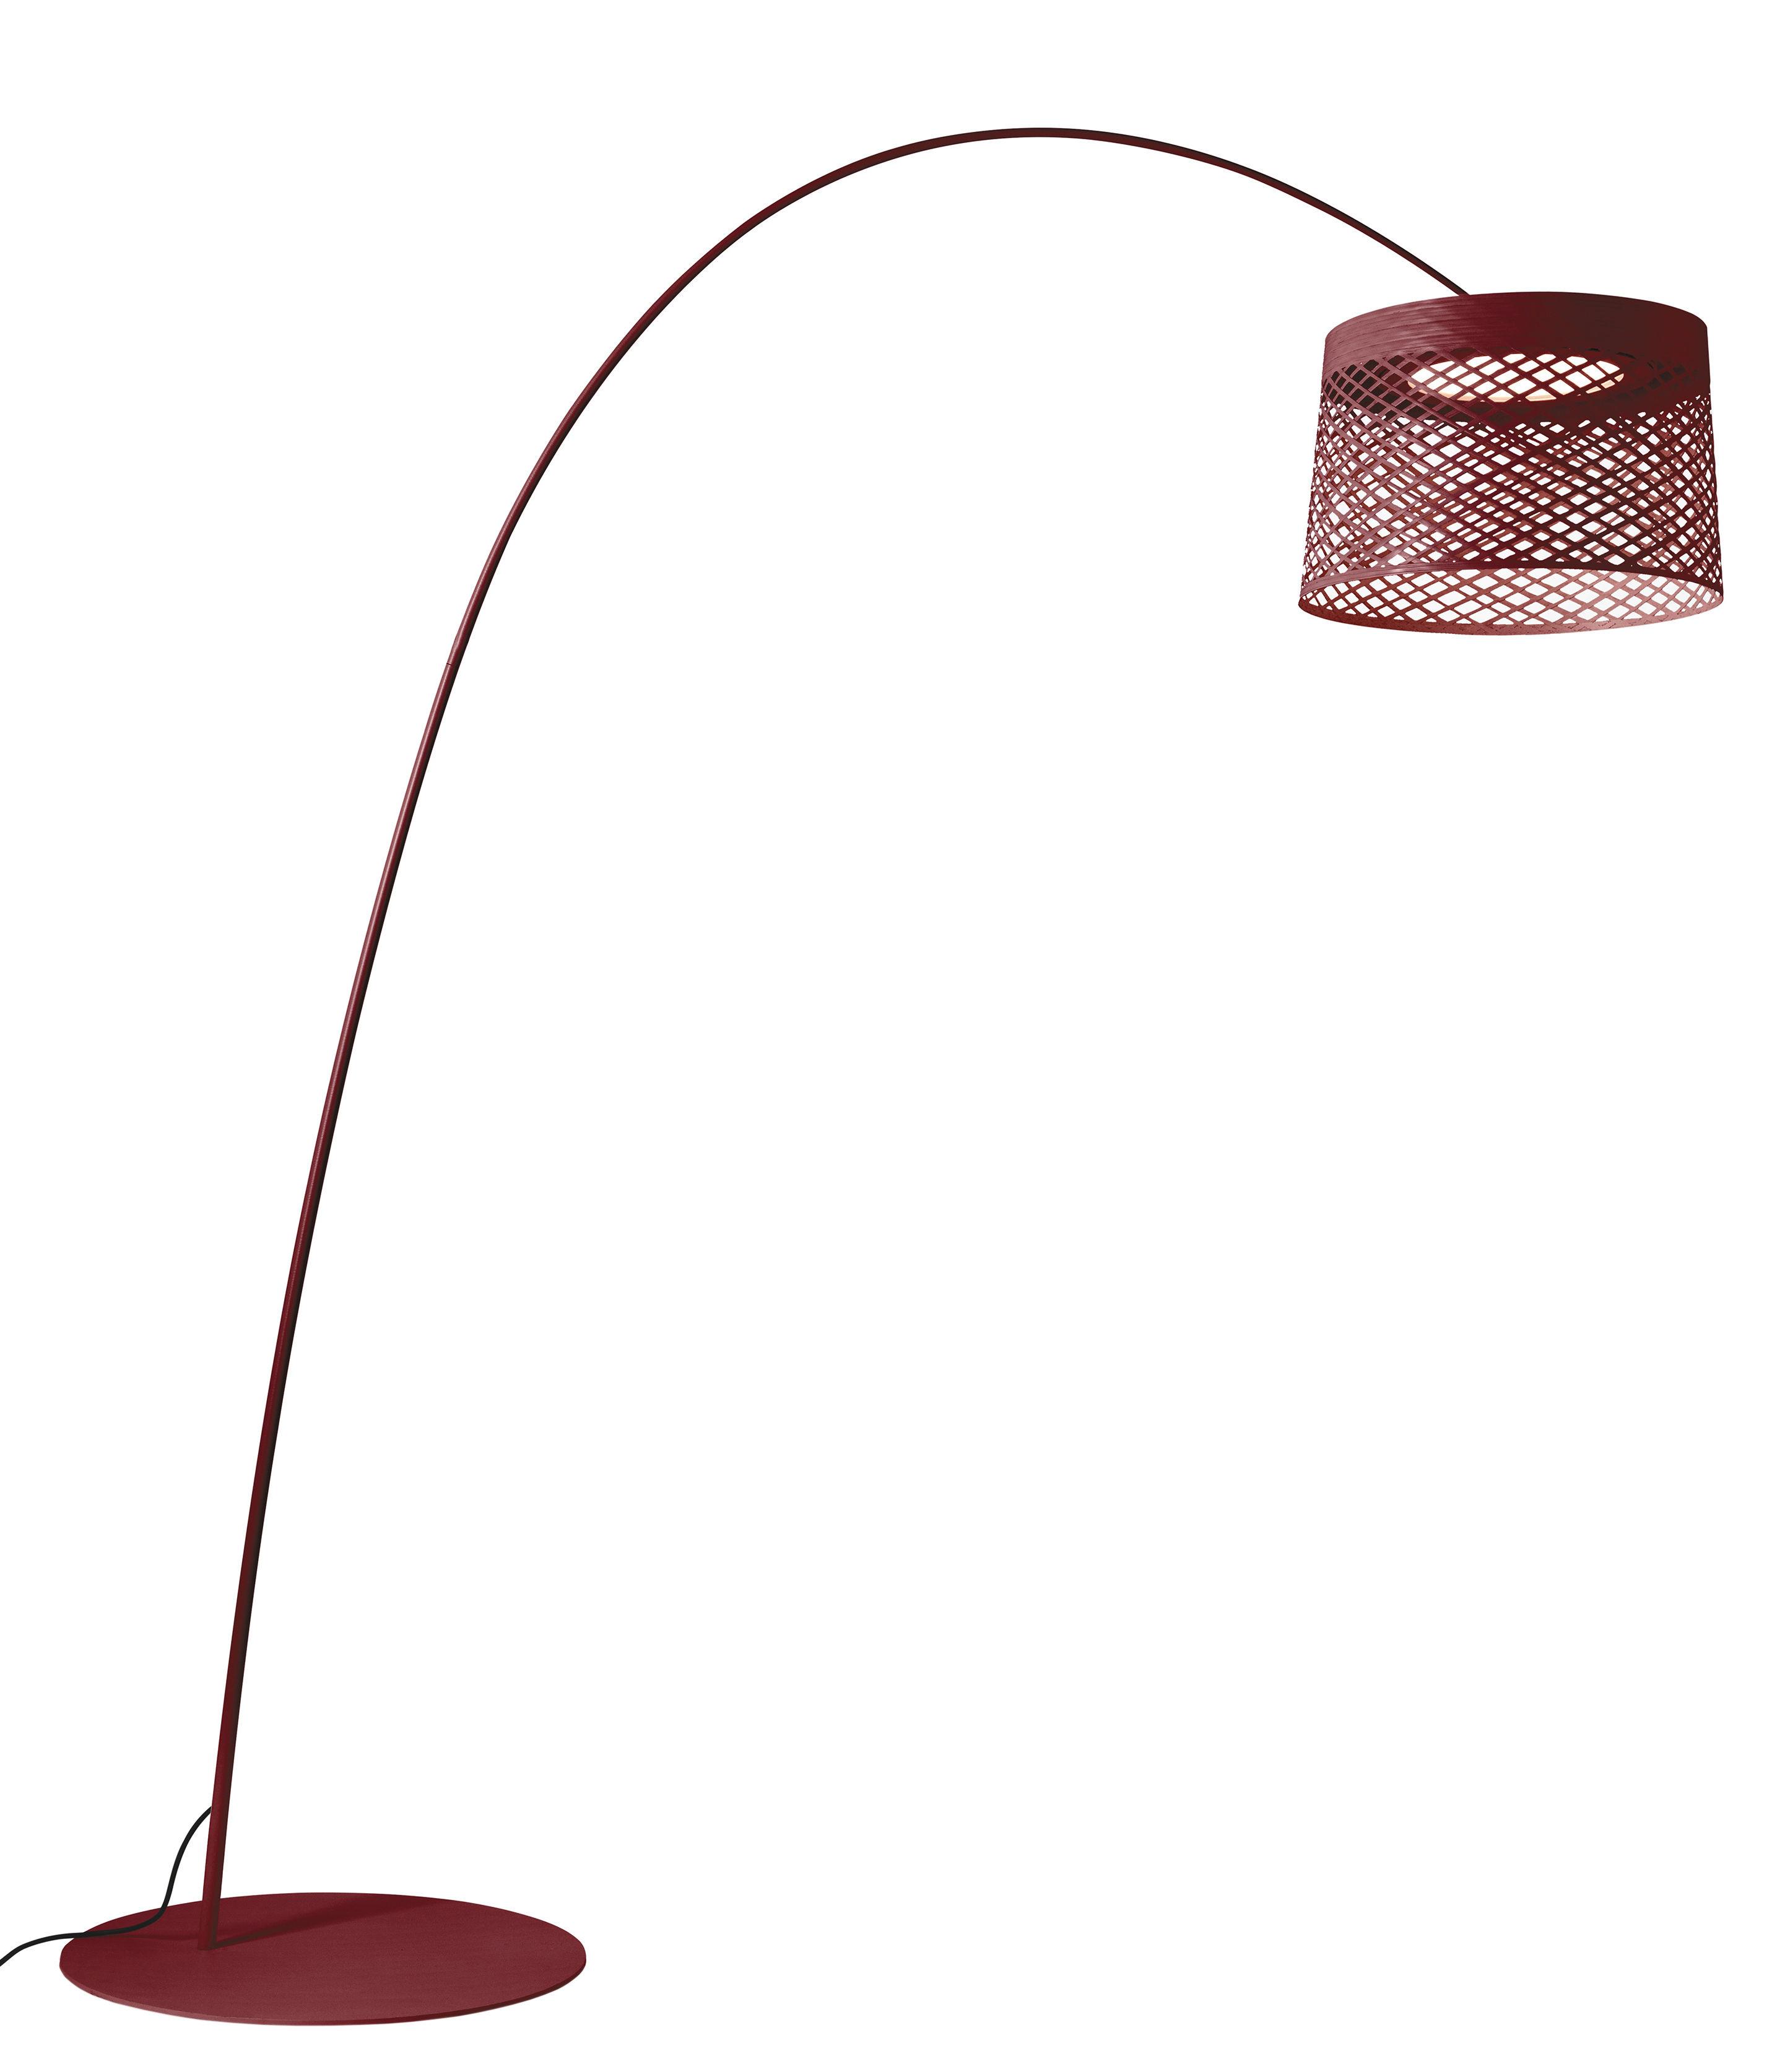 Luminaire - Lampadaires - Lampadaire Twiggy Grid LED Outdoor / Ø 46 x H 29 cm - Foscarini - Carmin - Fibre de verre, Matériau composite, Métal verni